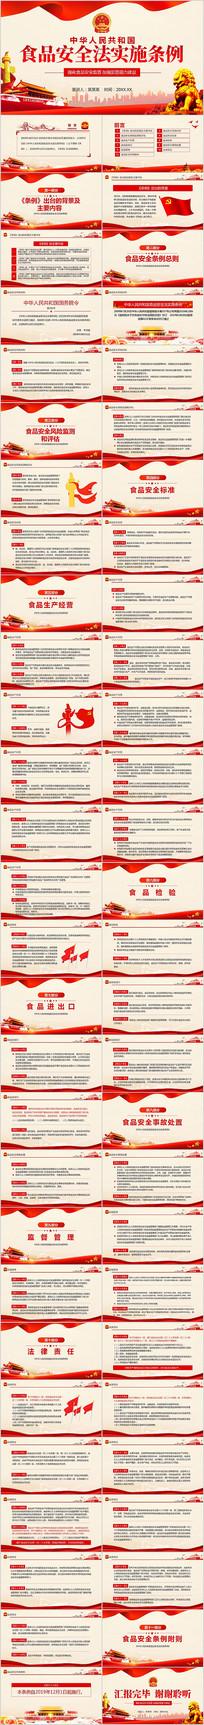 中华人民共和国食品安全法实施条例ppt